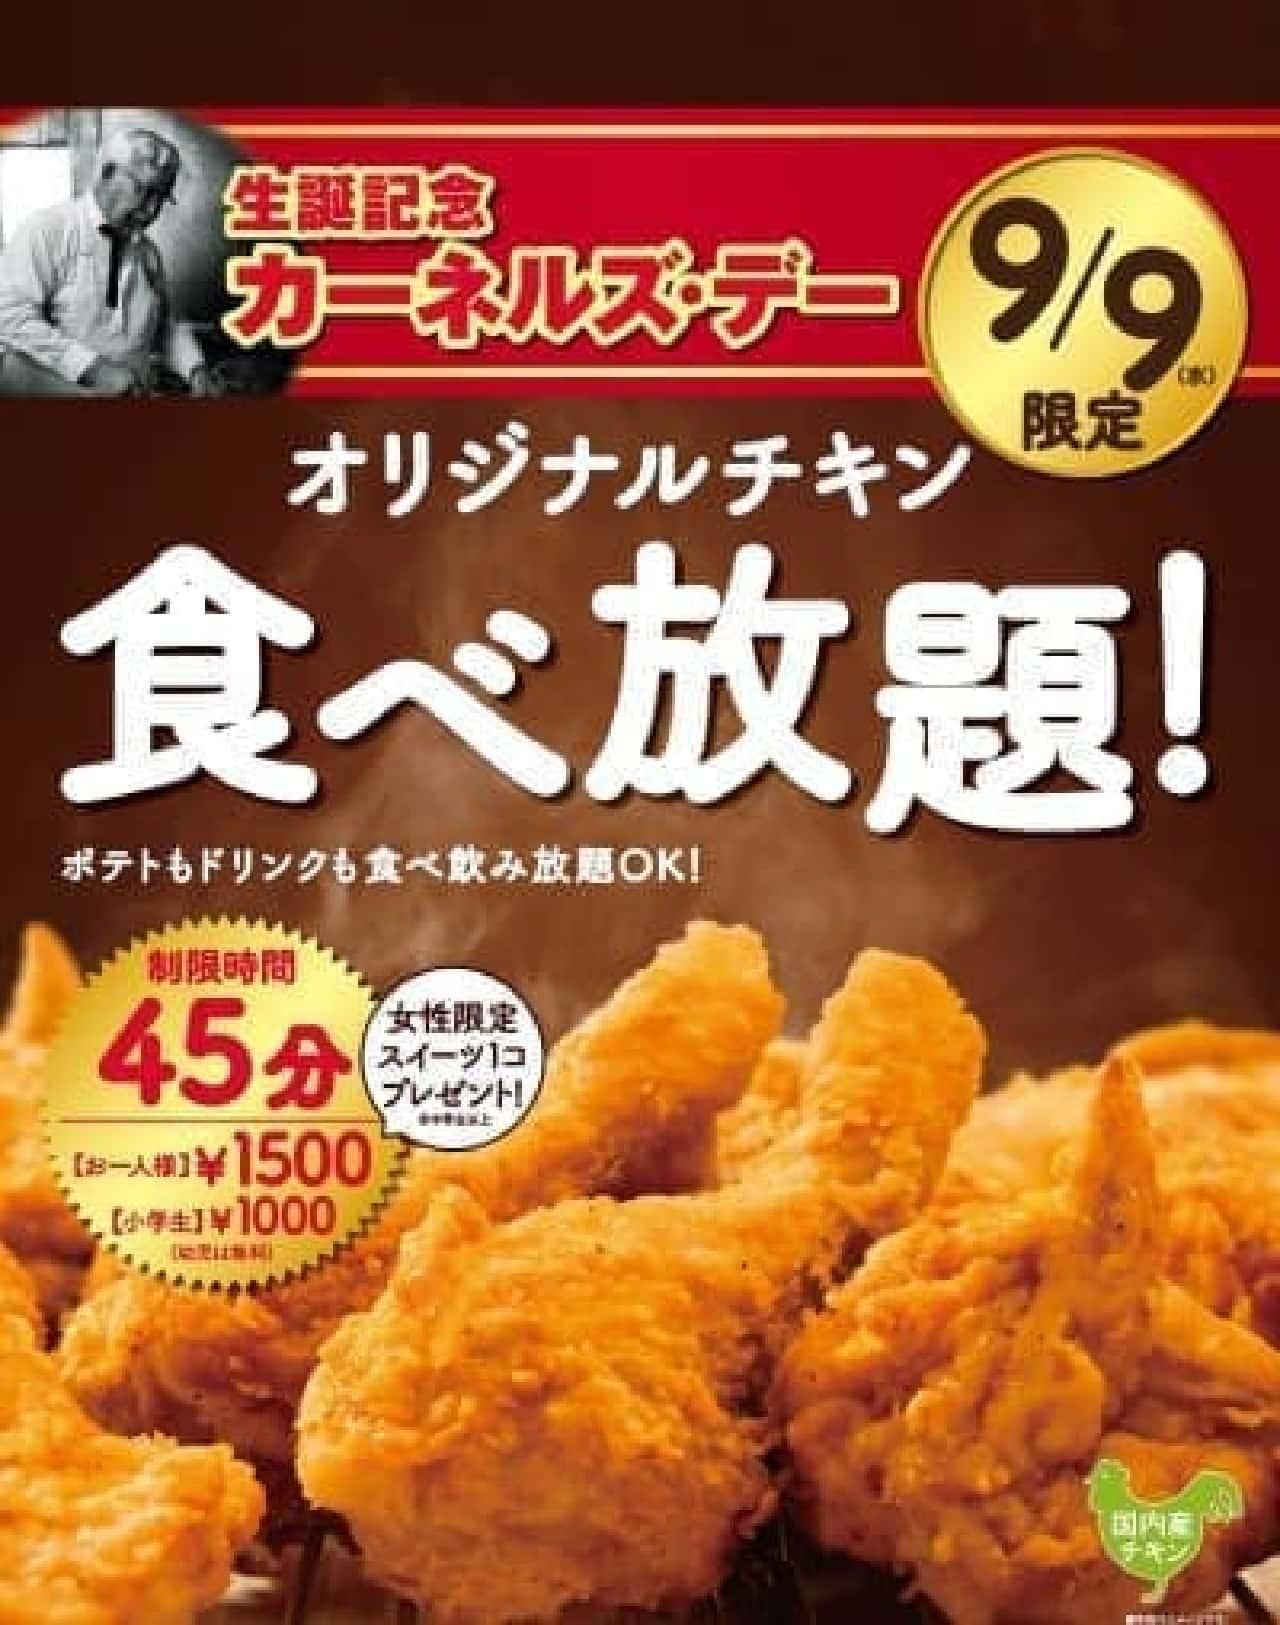 チキン何個食べられるかな!?